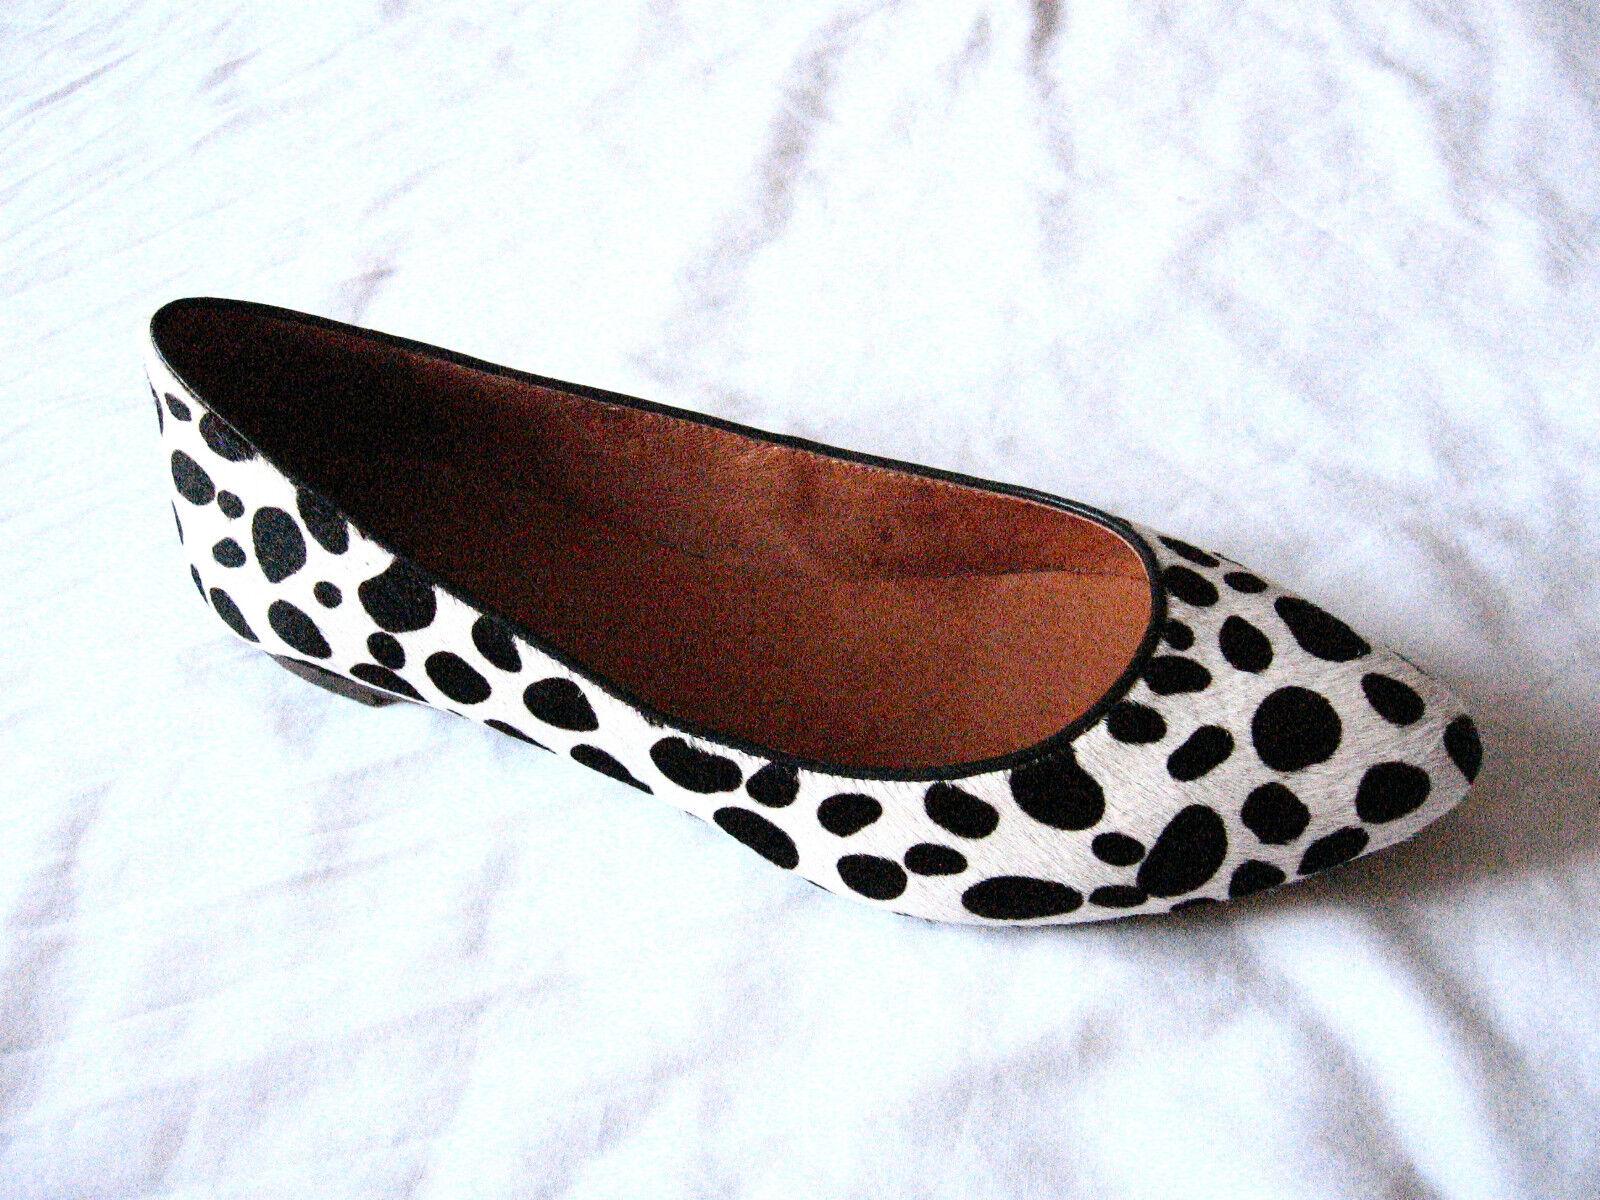 Madewell New in Box Box Box Leopard Sidewalk skimmer in calf ha color Black White ae96d2